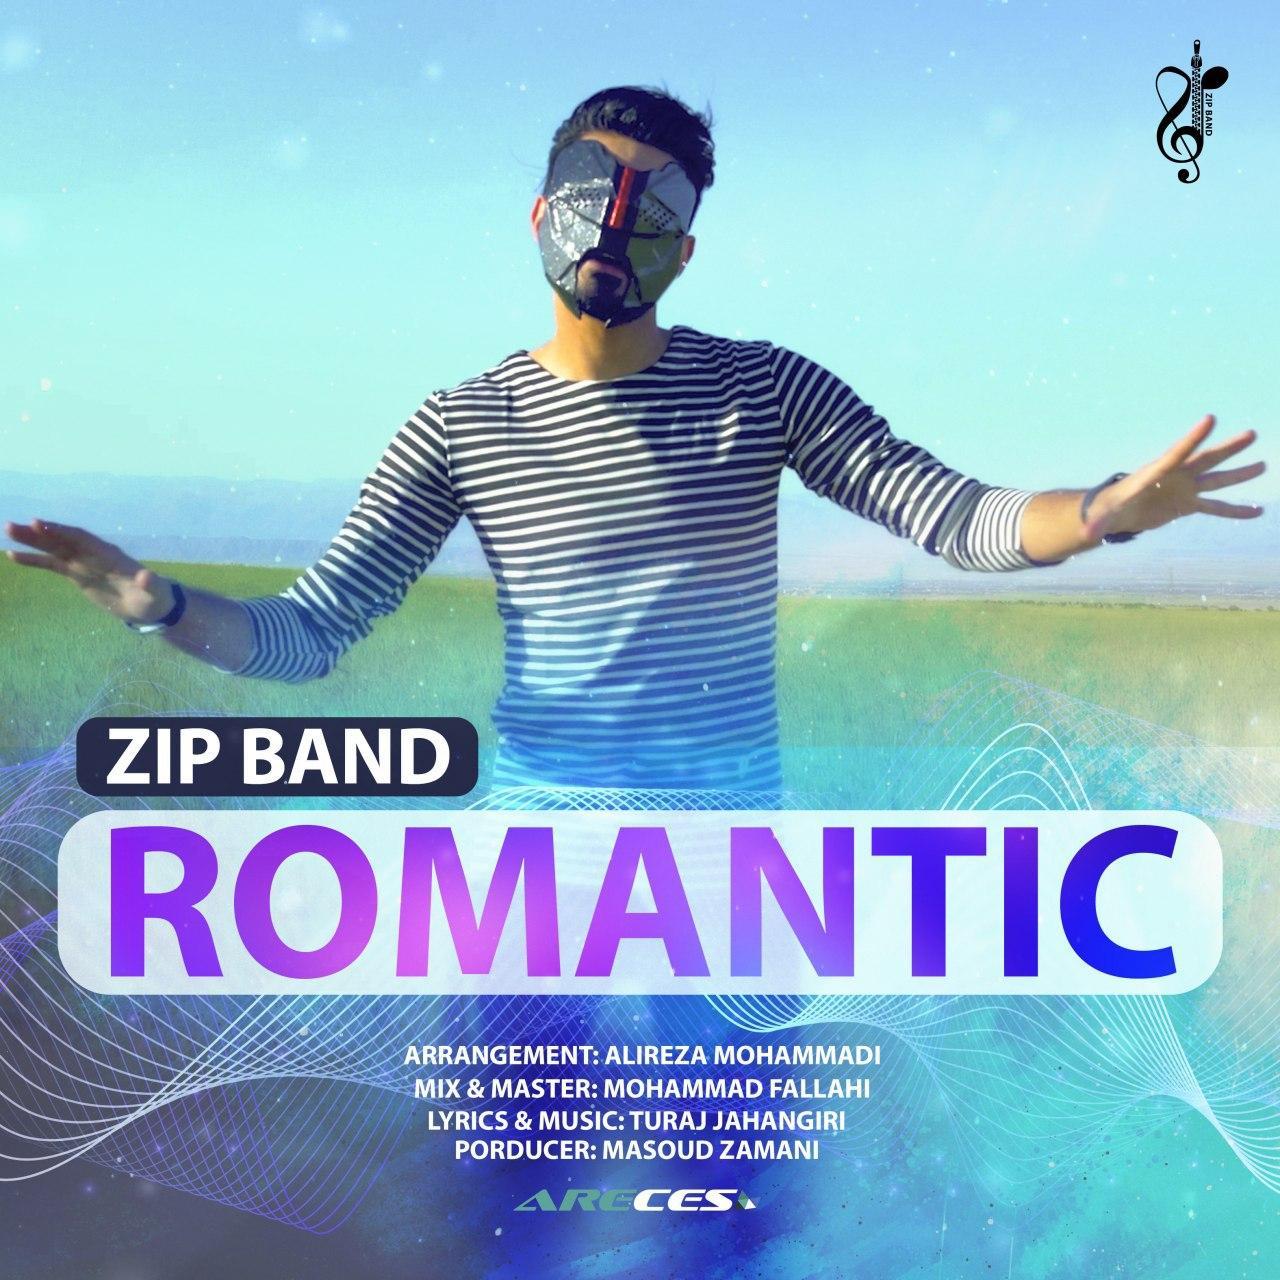 Zip Band – Romantic